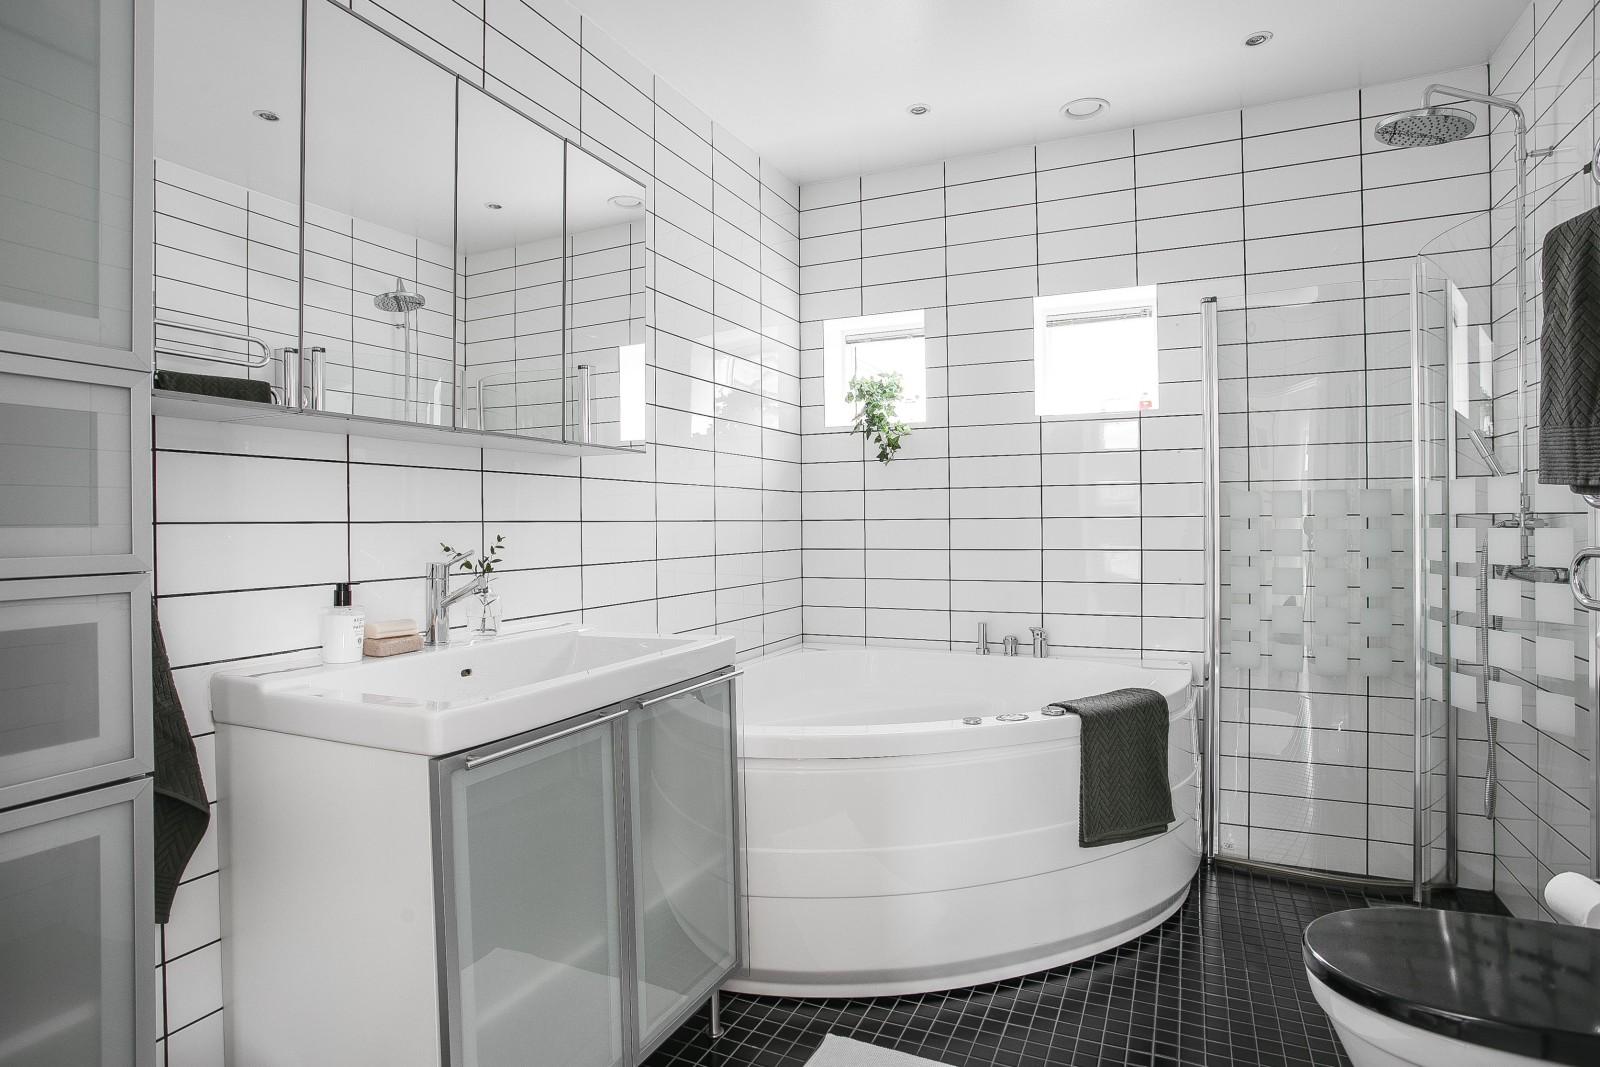 Bad och dusch i entréplan..